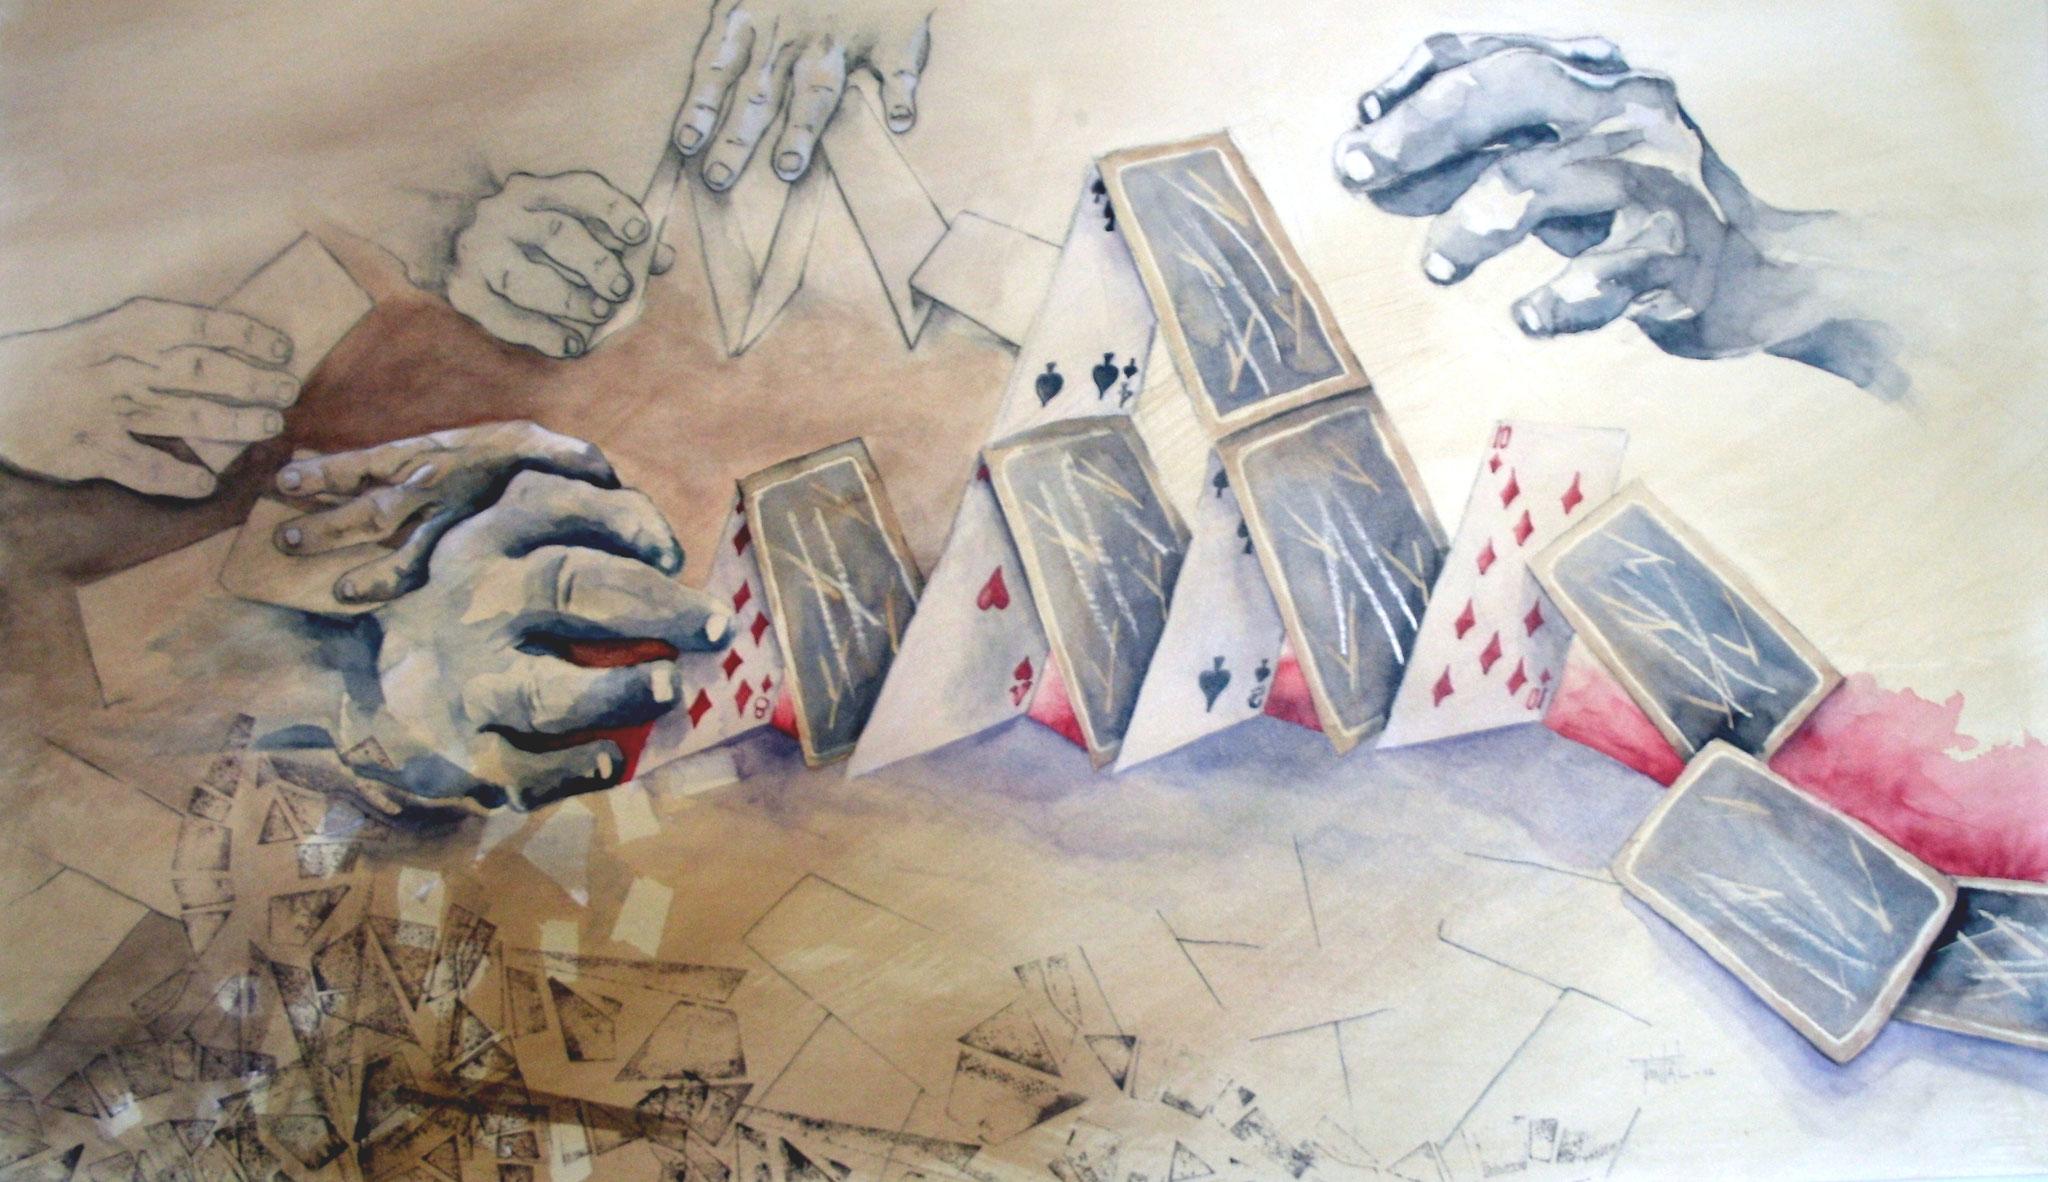 LA MESURE DE NOS PLANS 1, aquarelle, papier marouflé sur bois